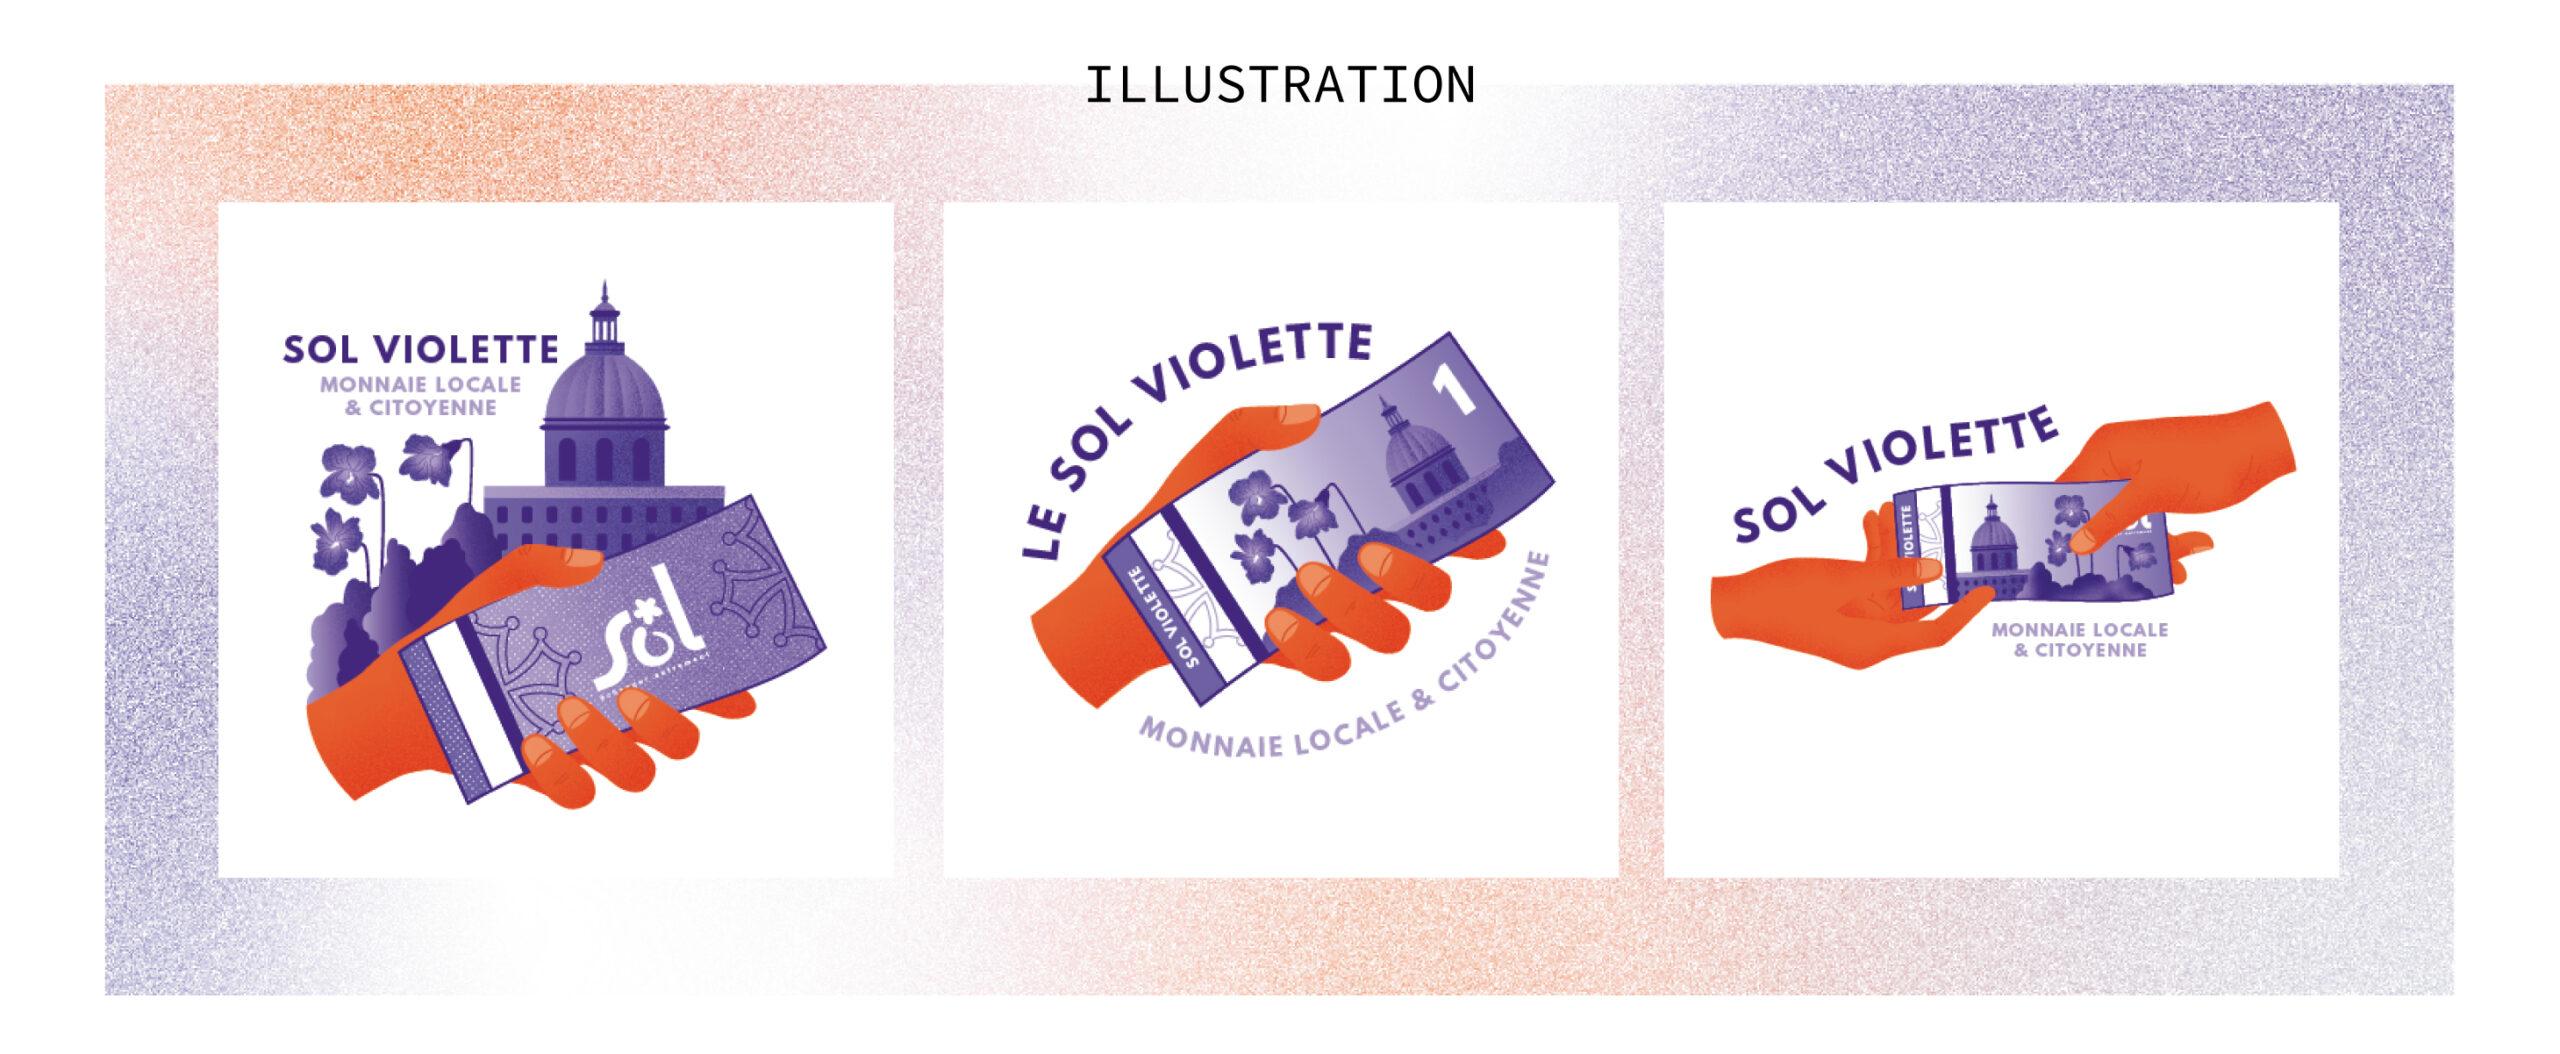 sol-violette-superfruit-variantes-illustrations